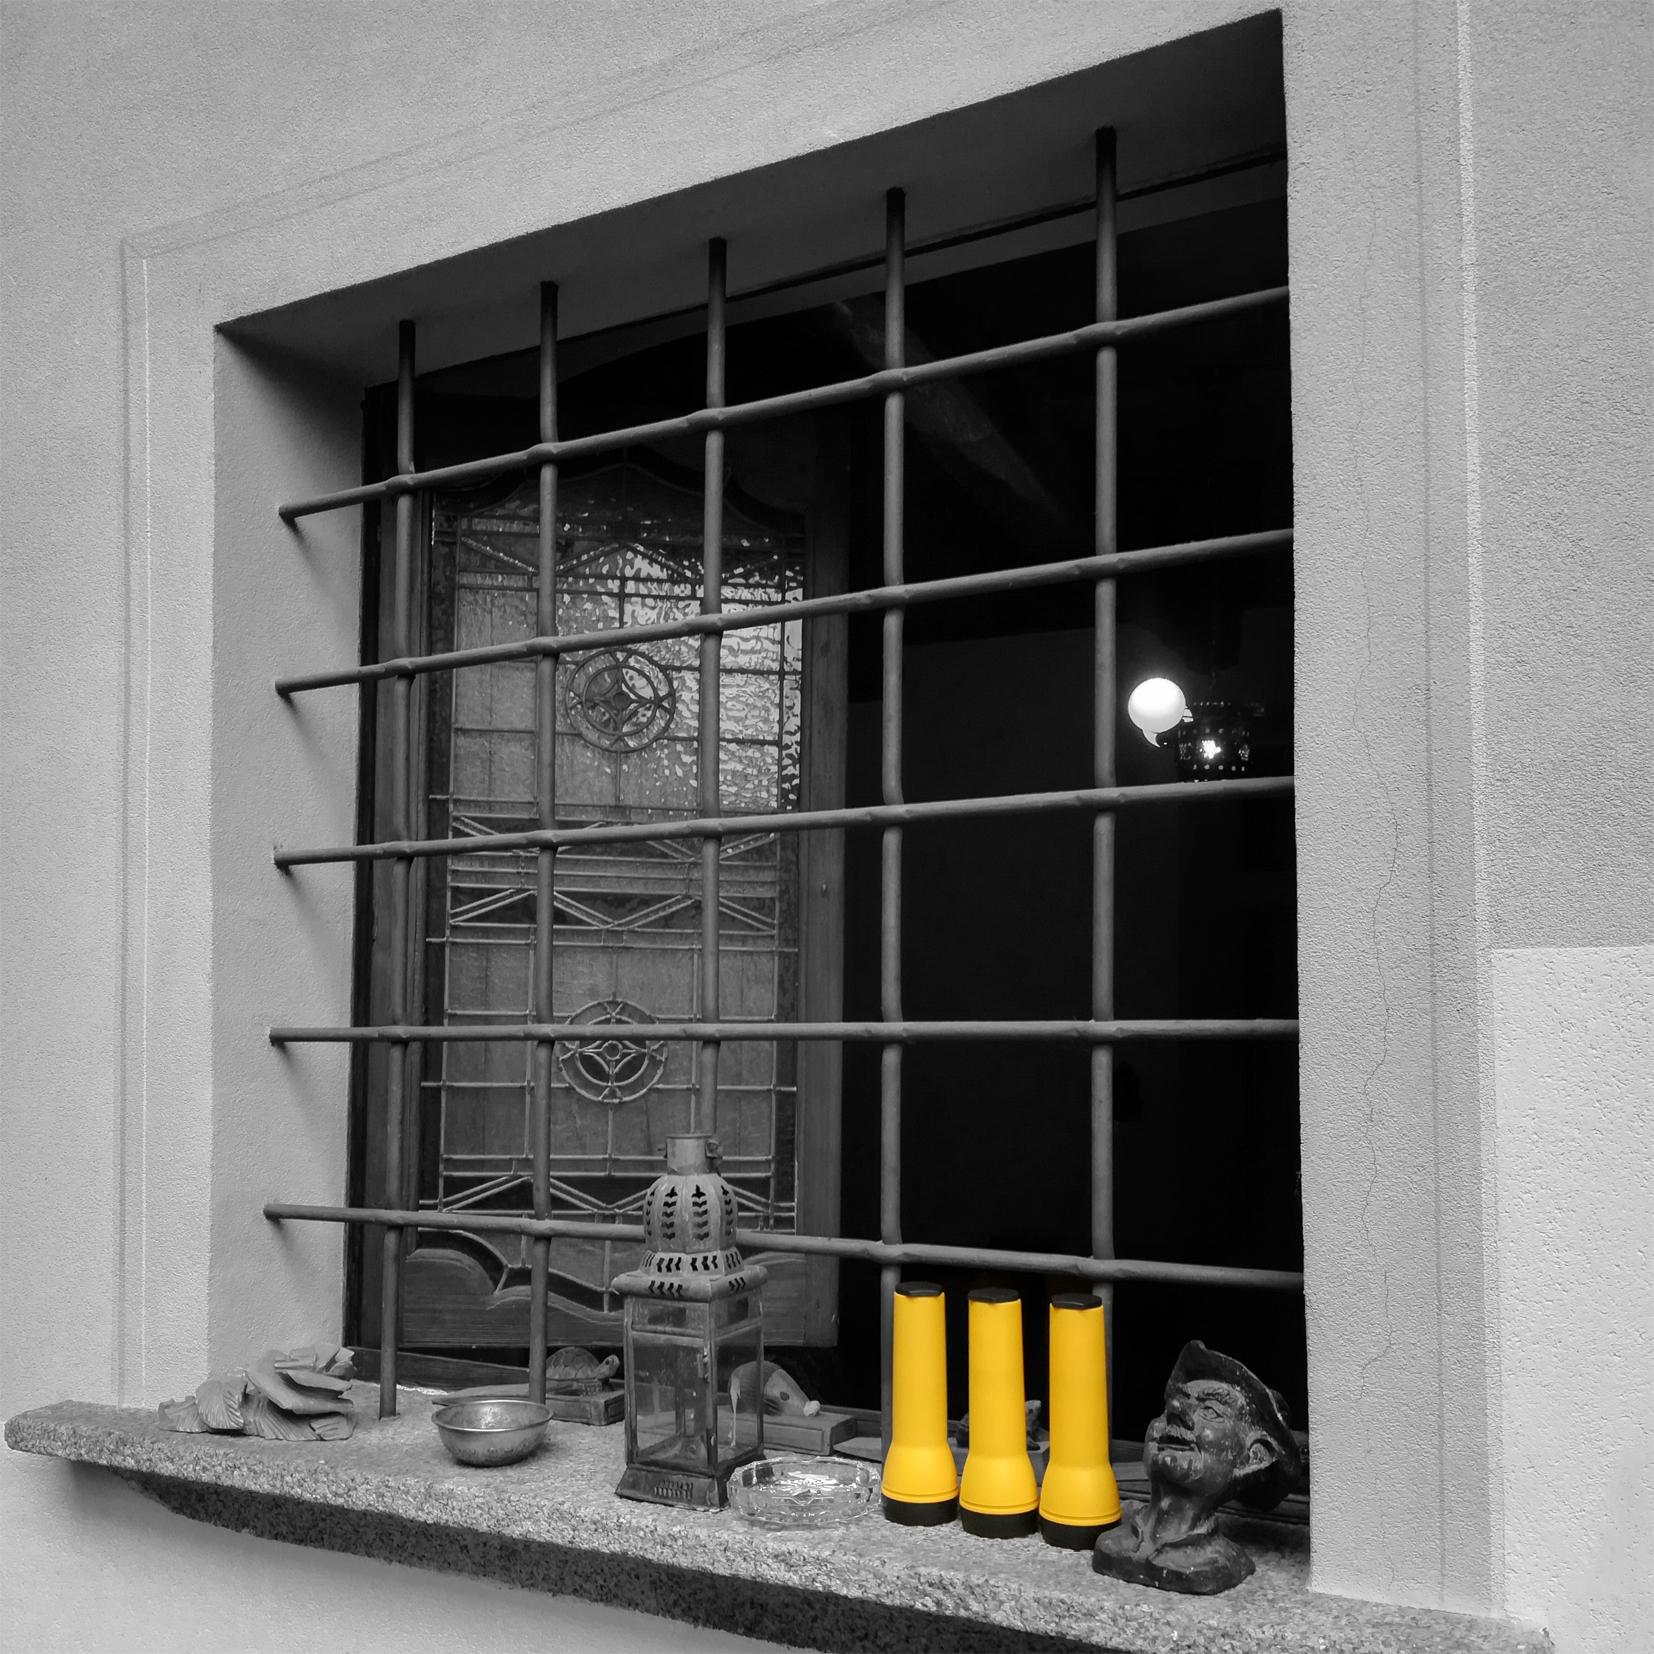 Foto di una finestra della chiesetta con tre torce gialle